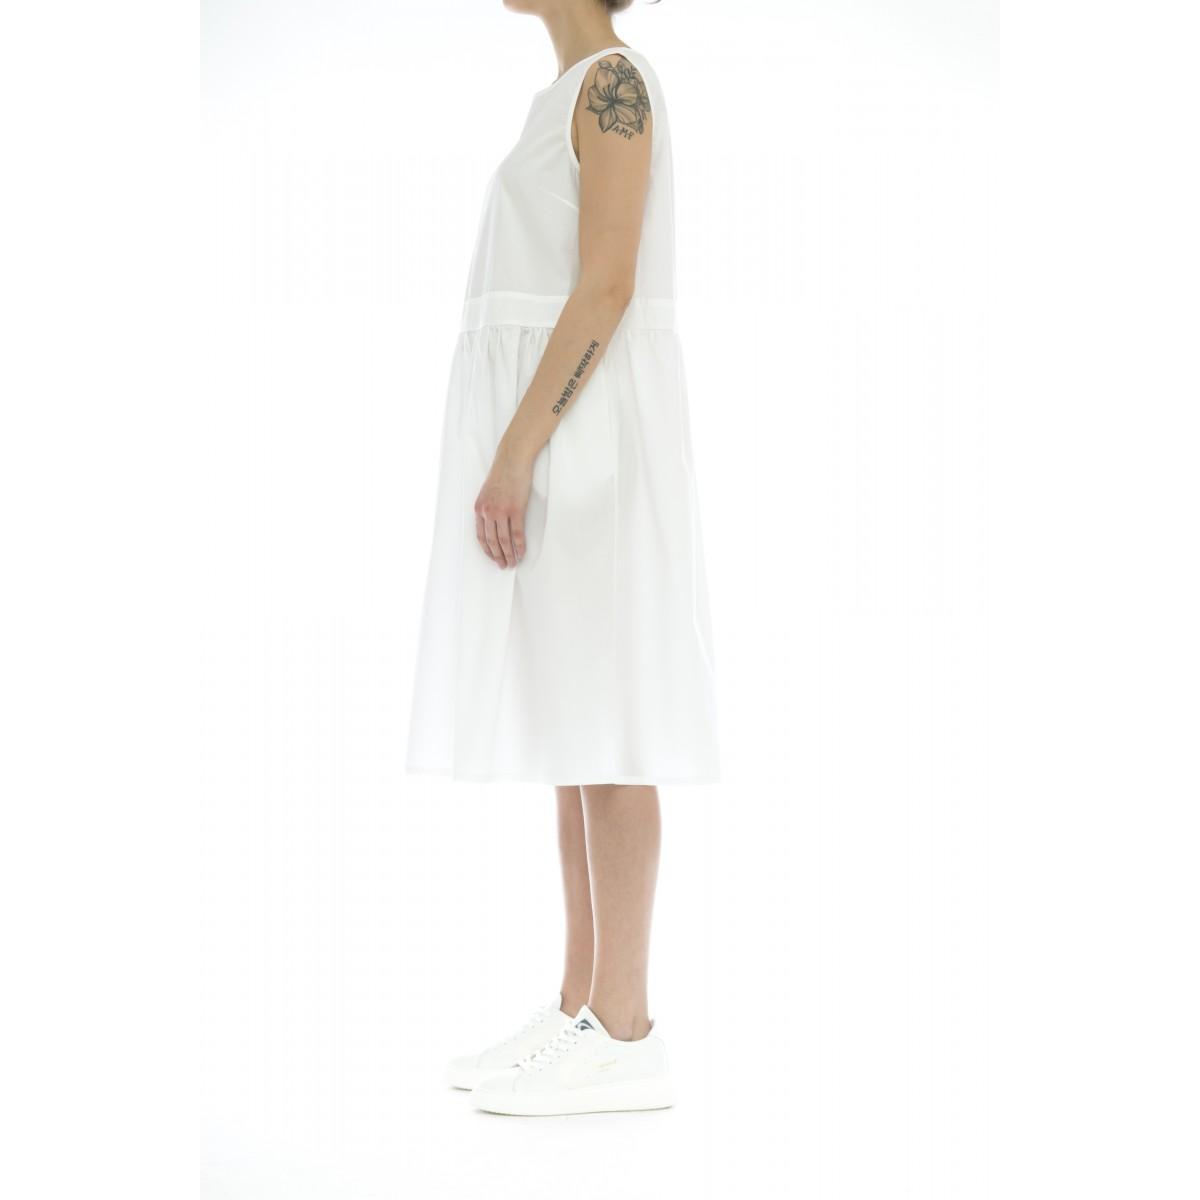 Vestito - C50437 abito senza manica